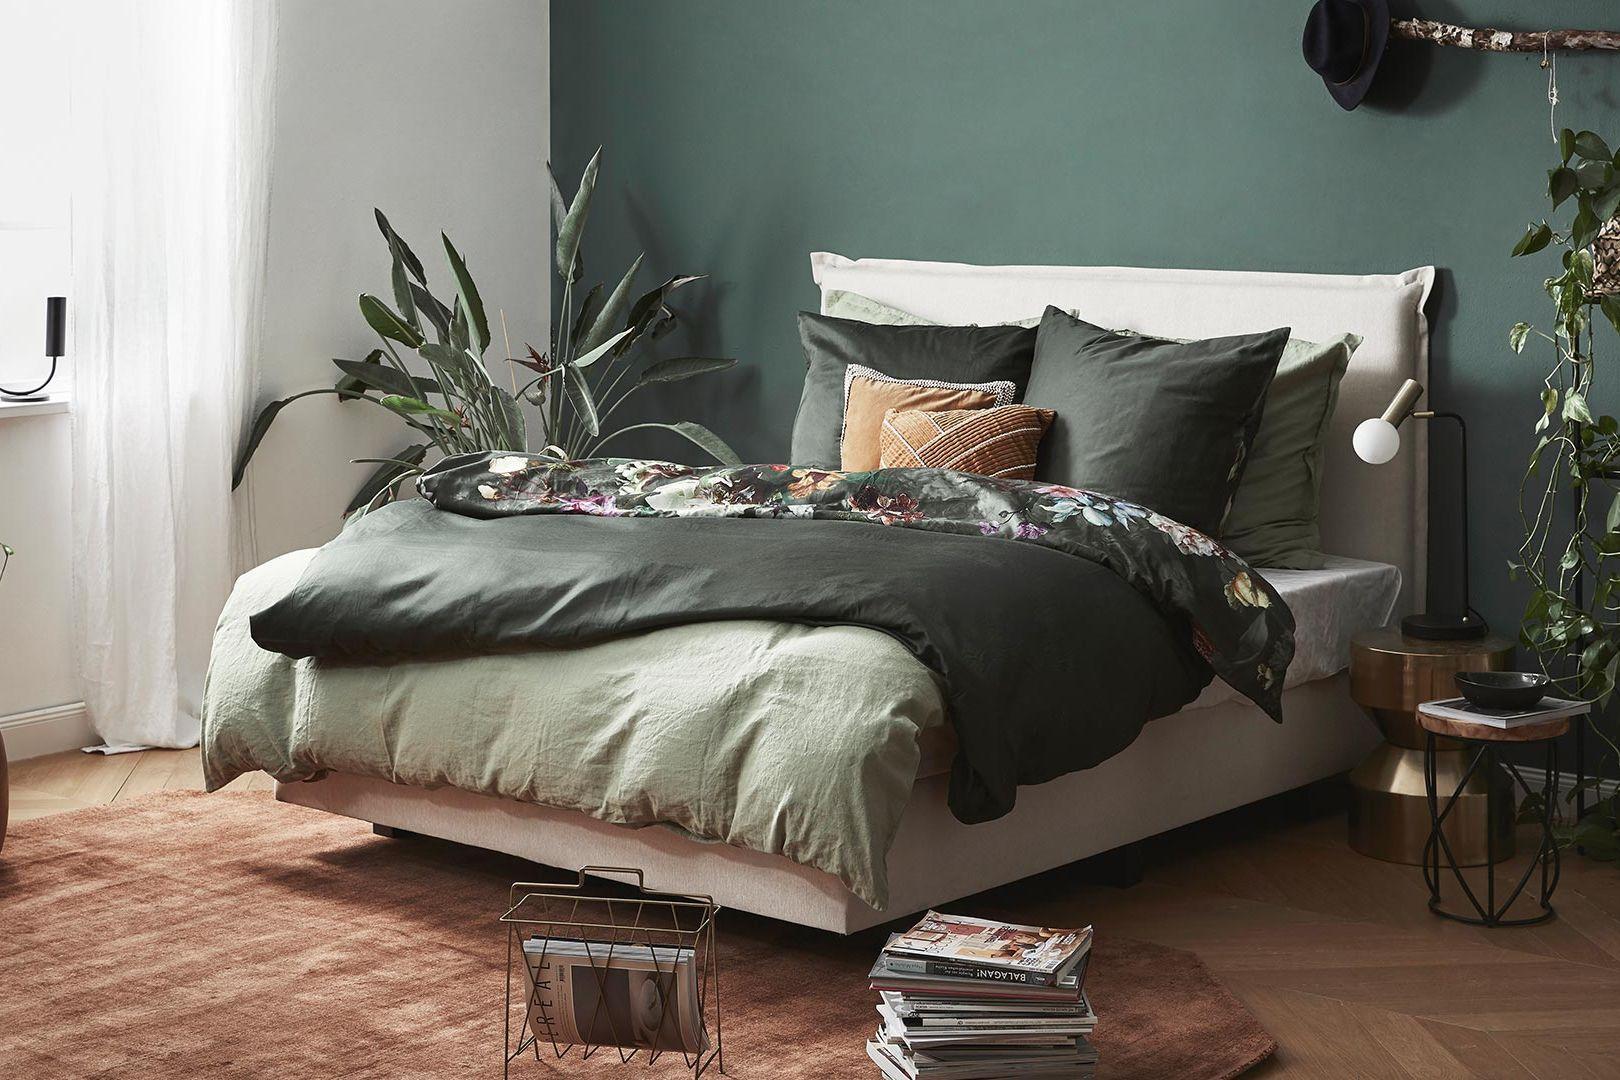 Botanical bedroom